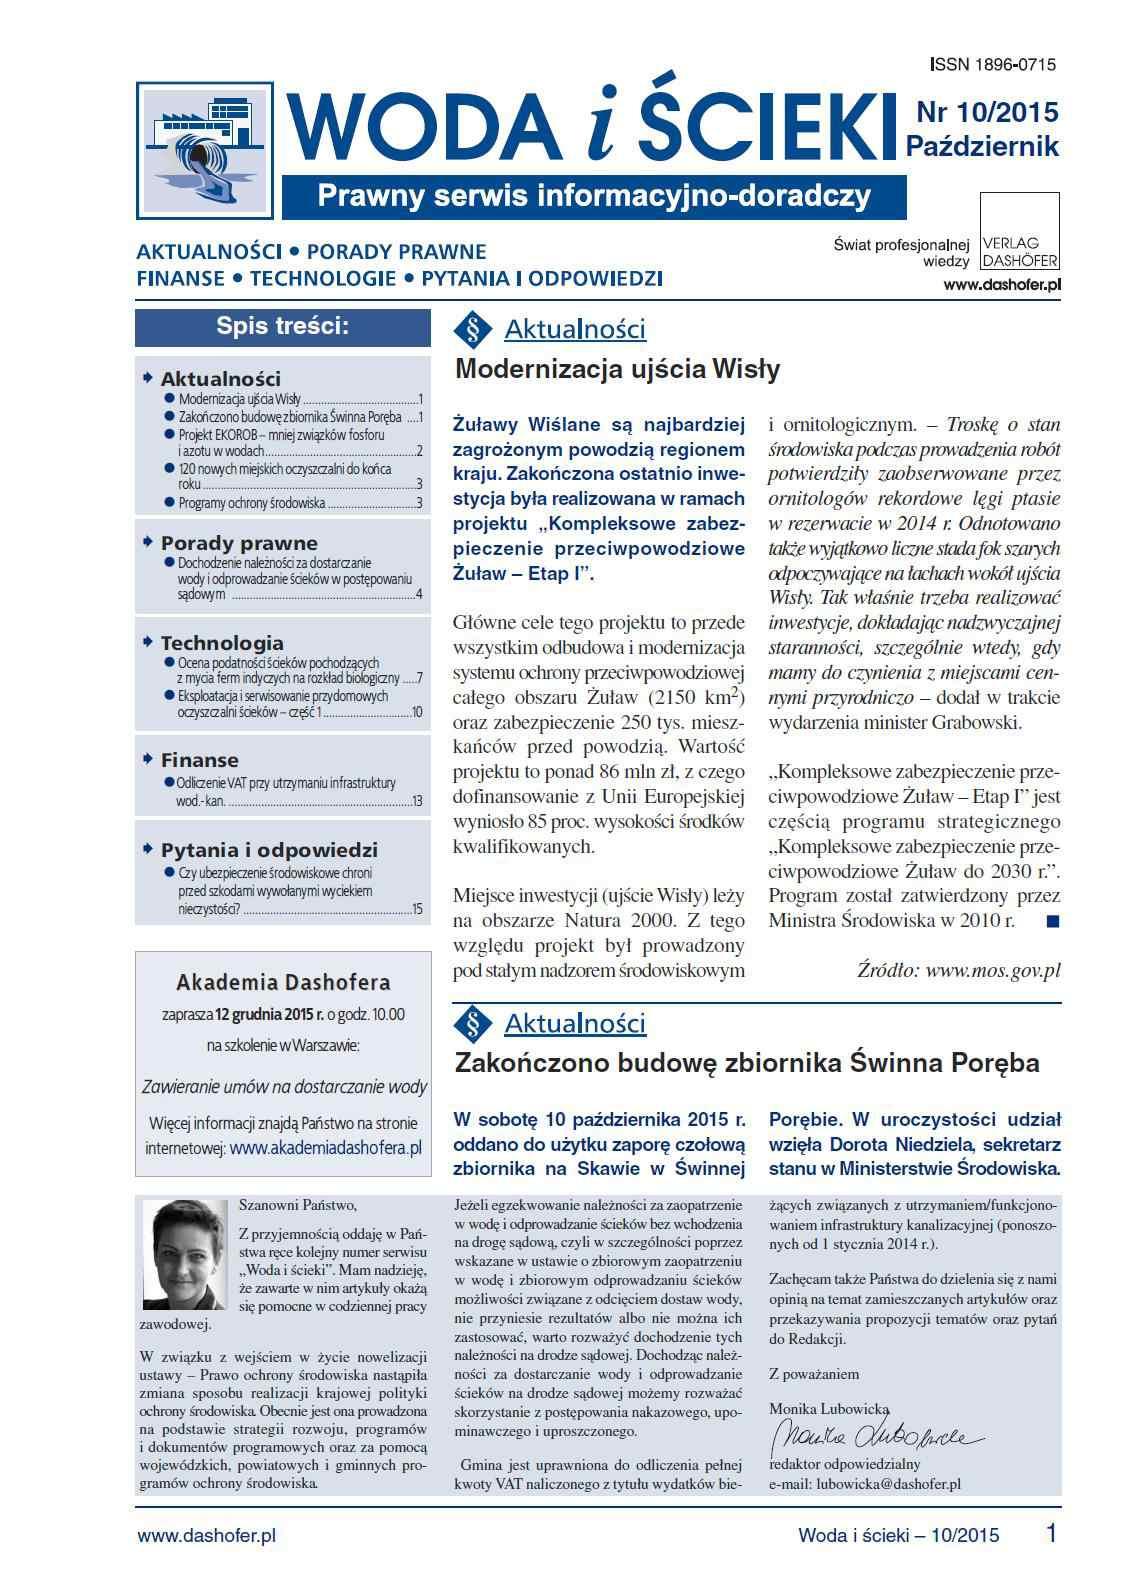 Woda i ścieki. Prawny serwis informacyjno-doradczy. Nr 10/2015 - Ebook (Książka PDF) do pobrania w formacie PDF